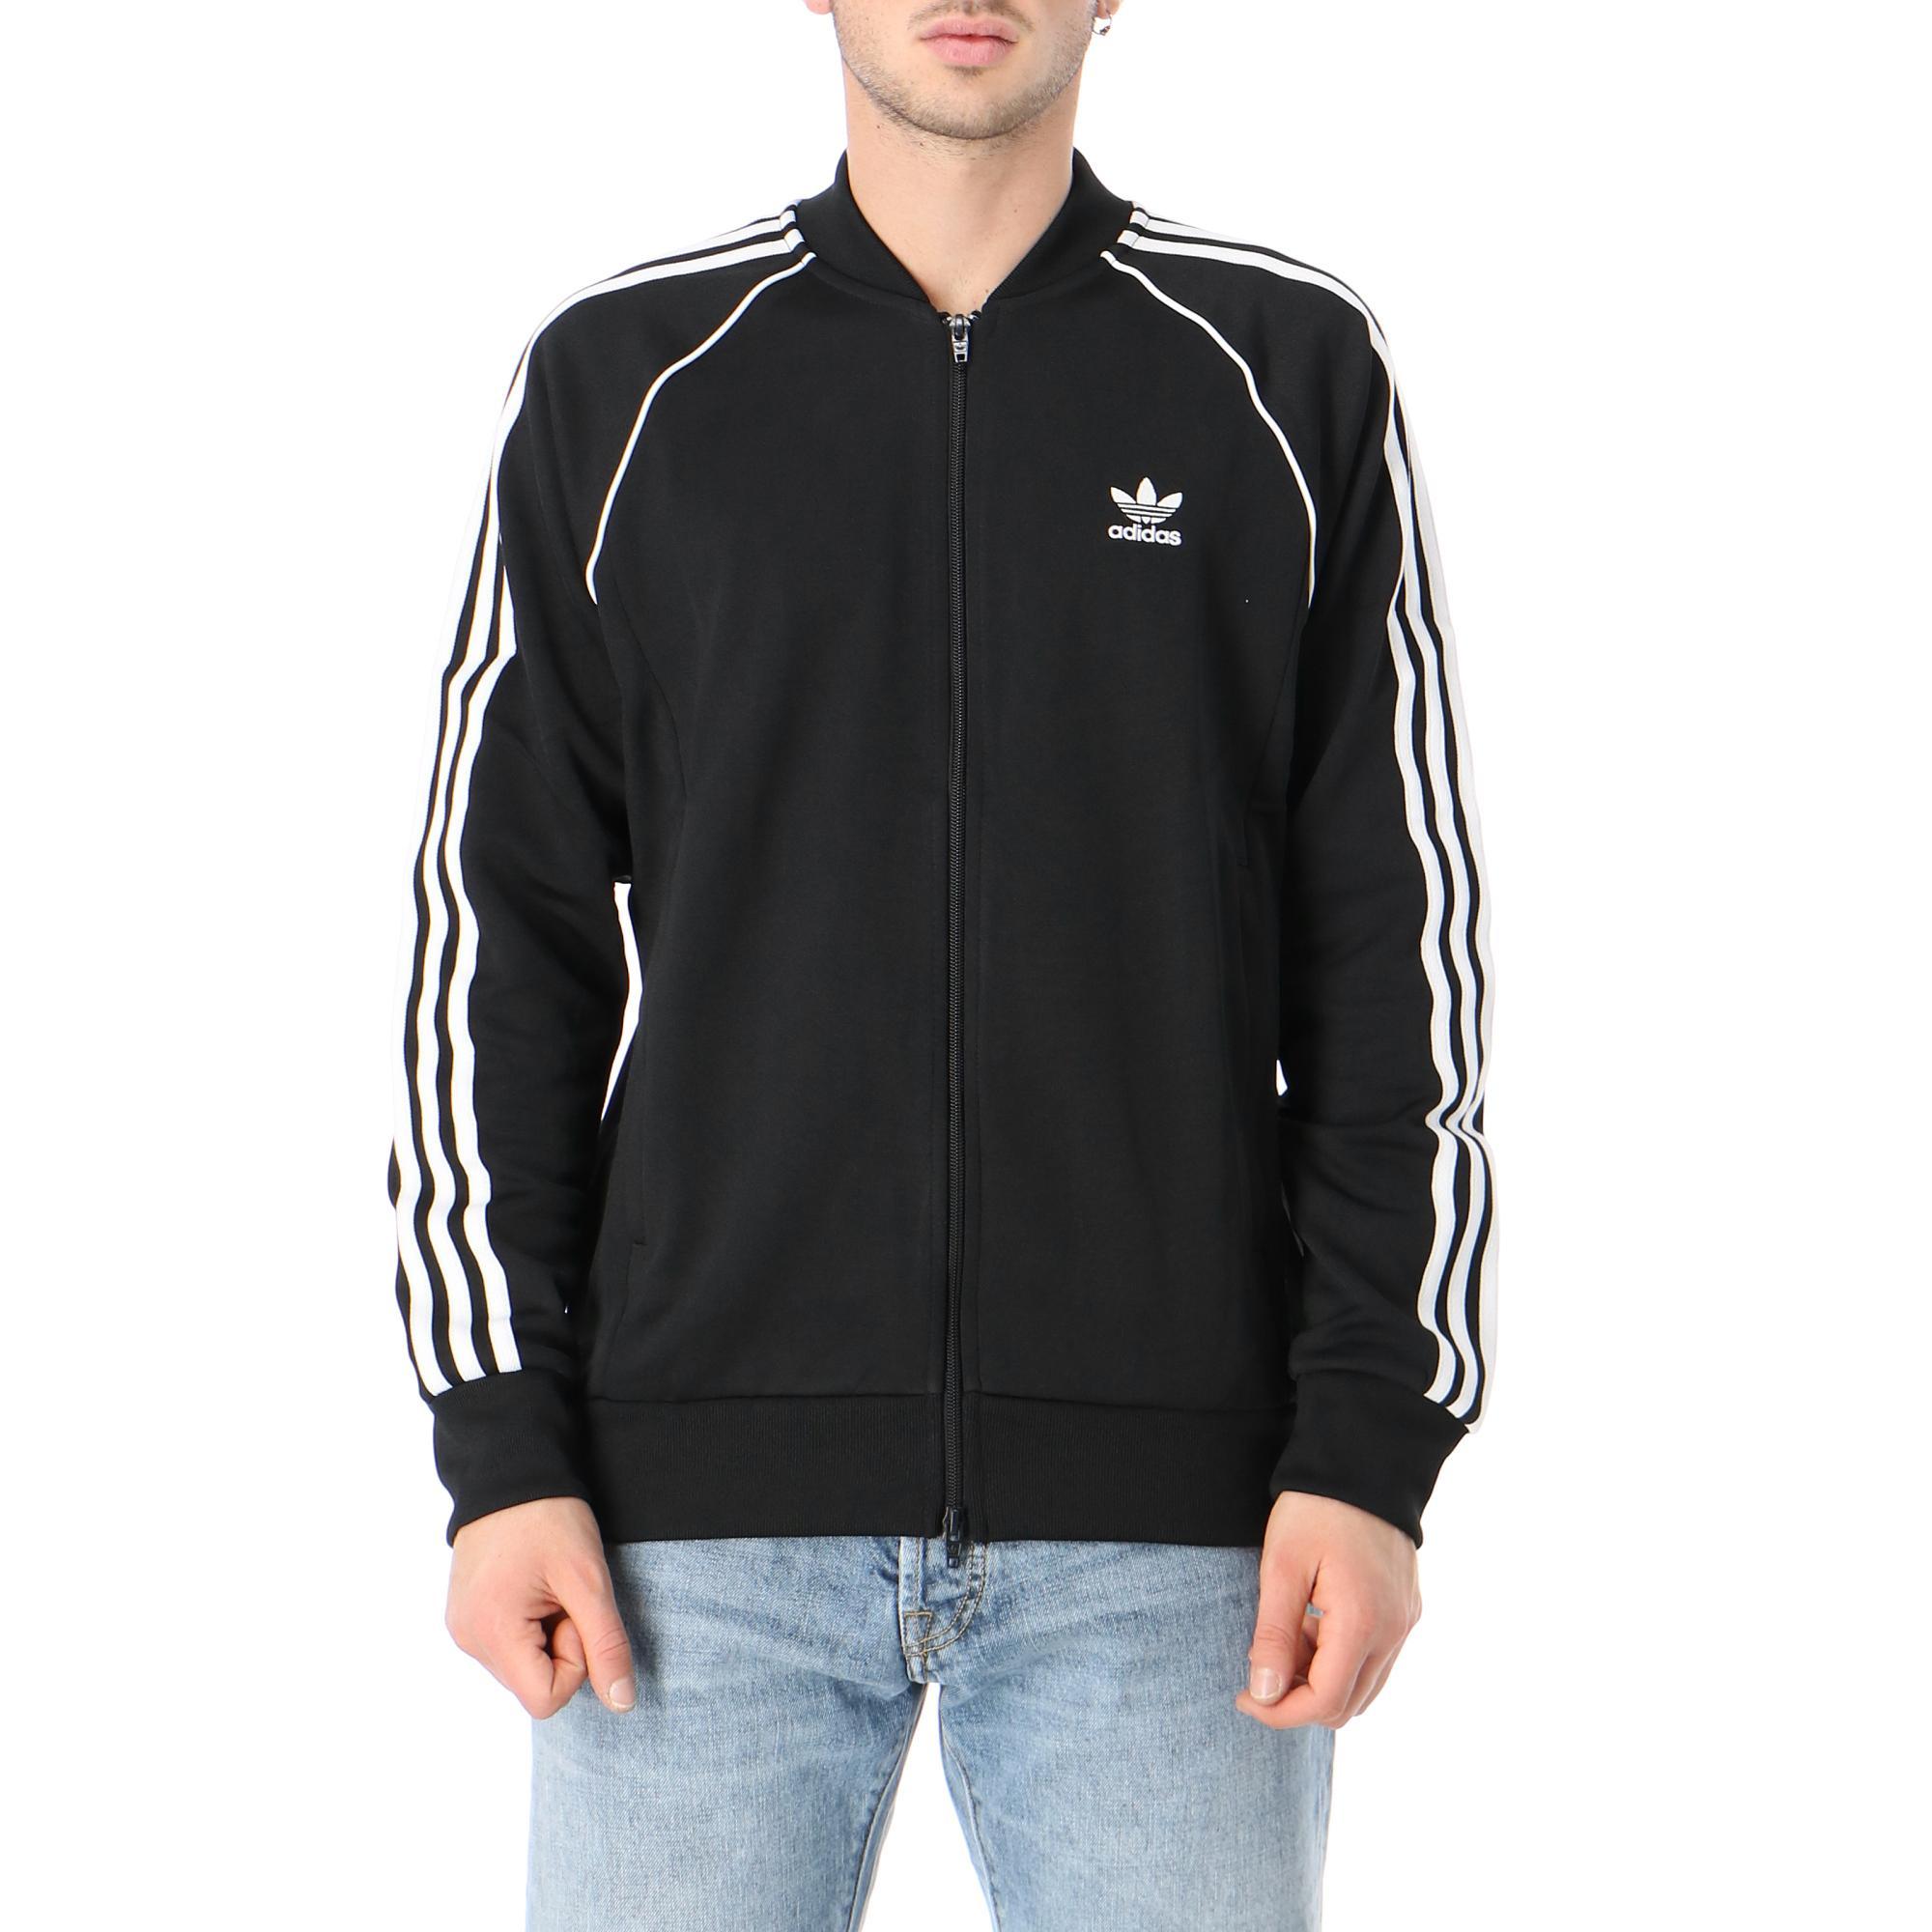 Adidas Sst Tt P Blue Black white